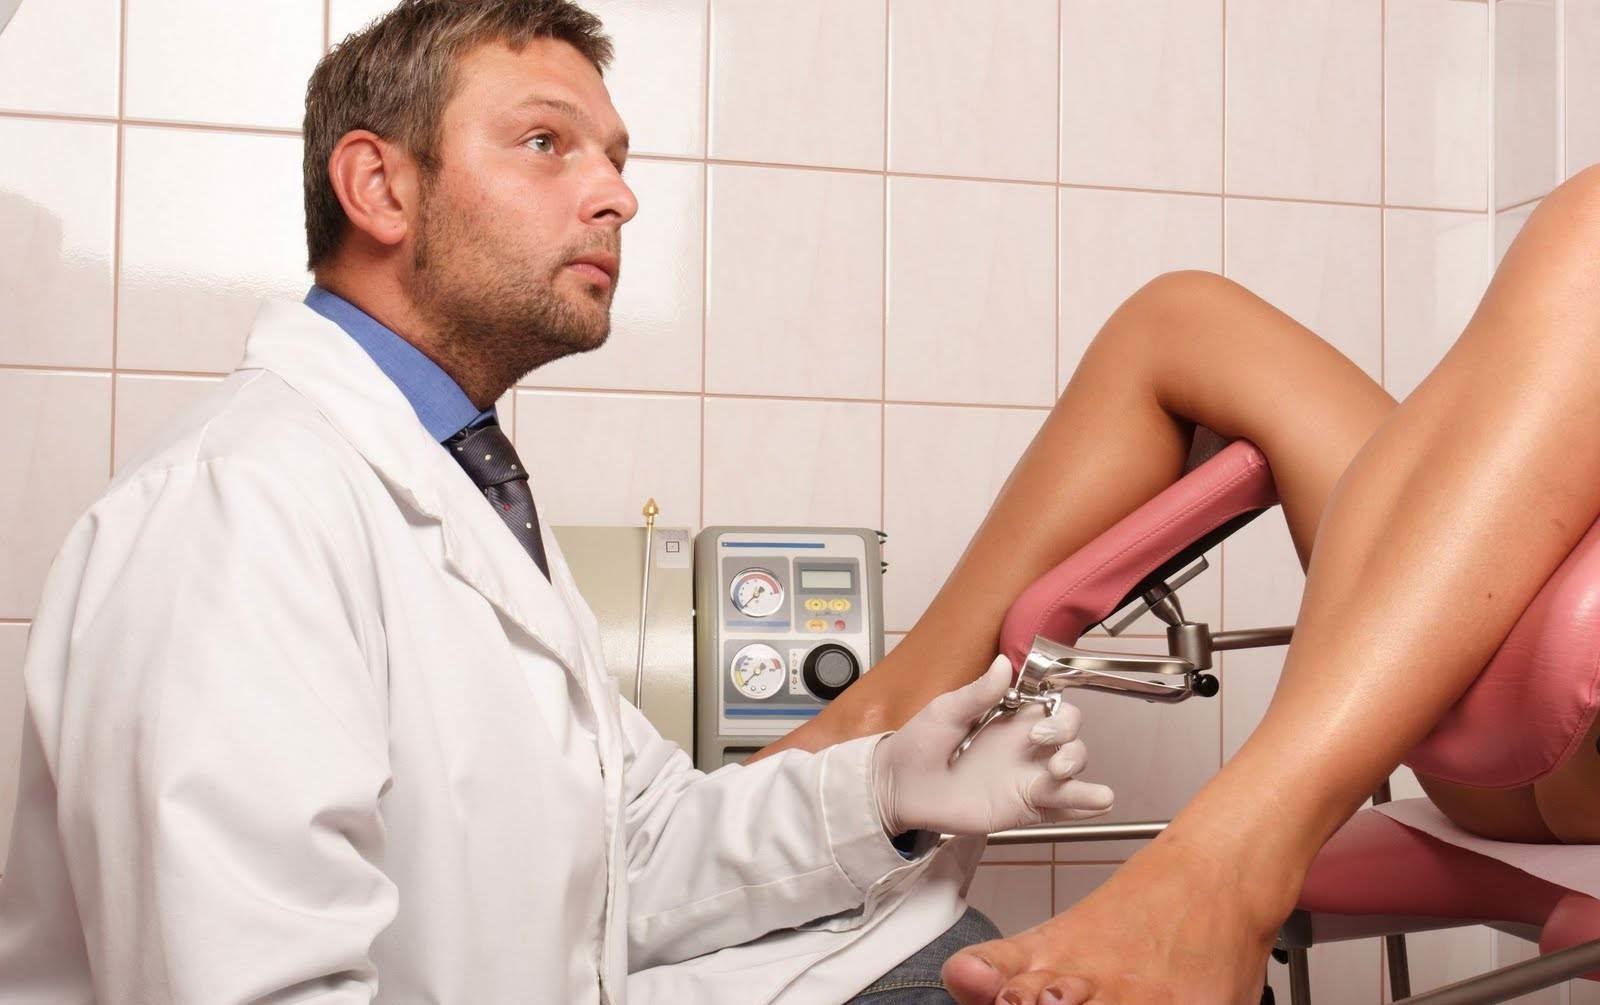 Гинеколог - кто это и что лечит. когда обращаться к гинекологу